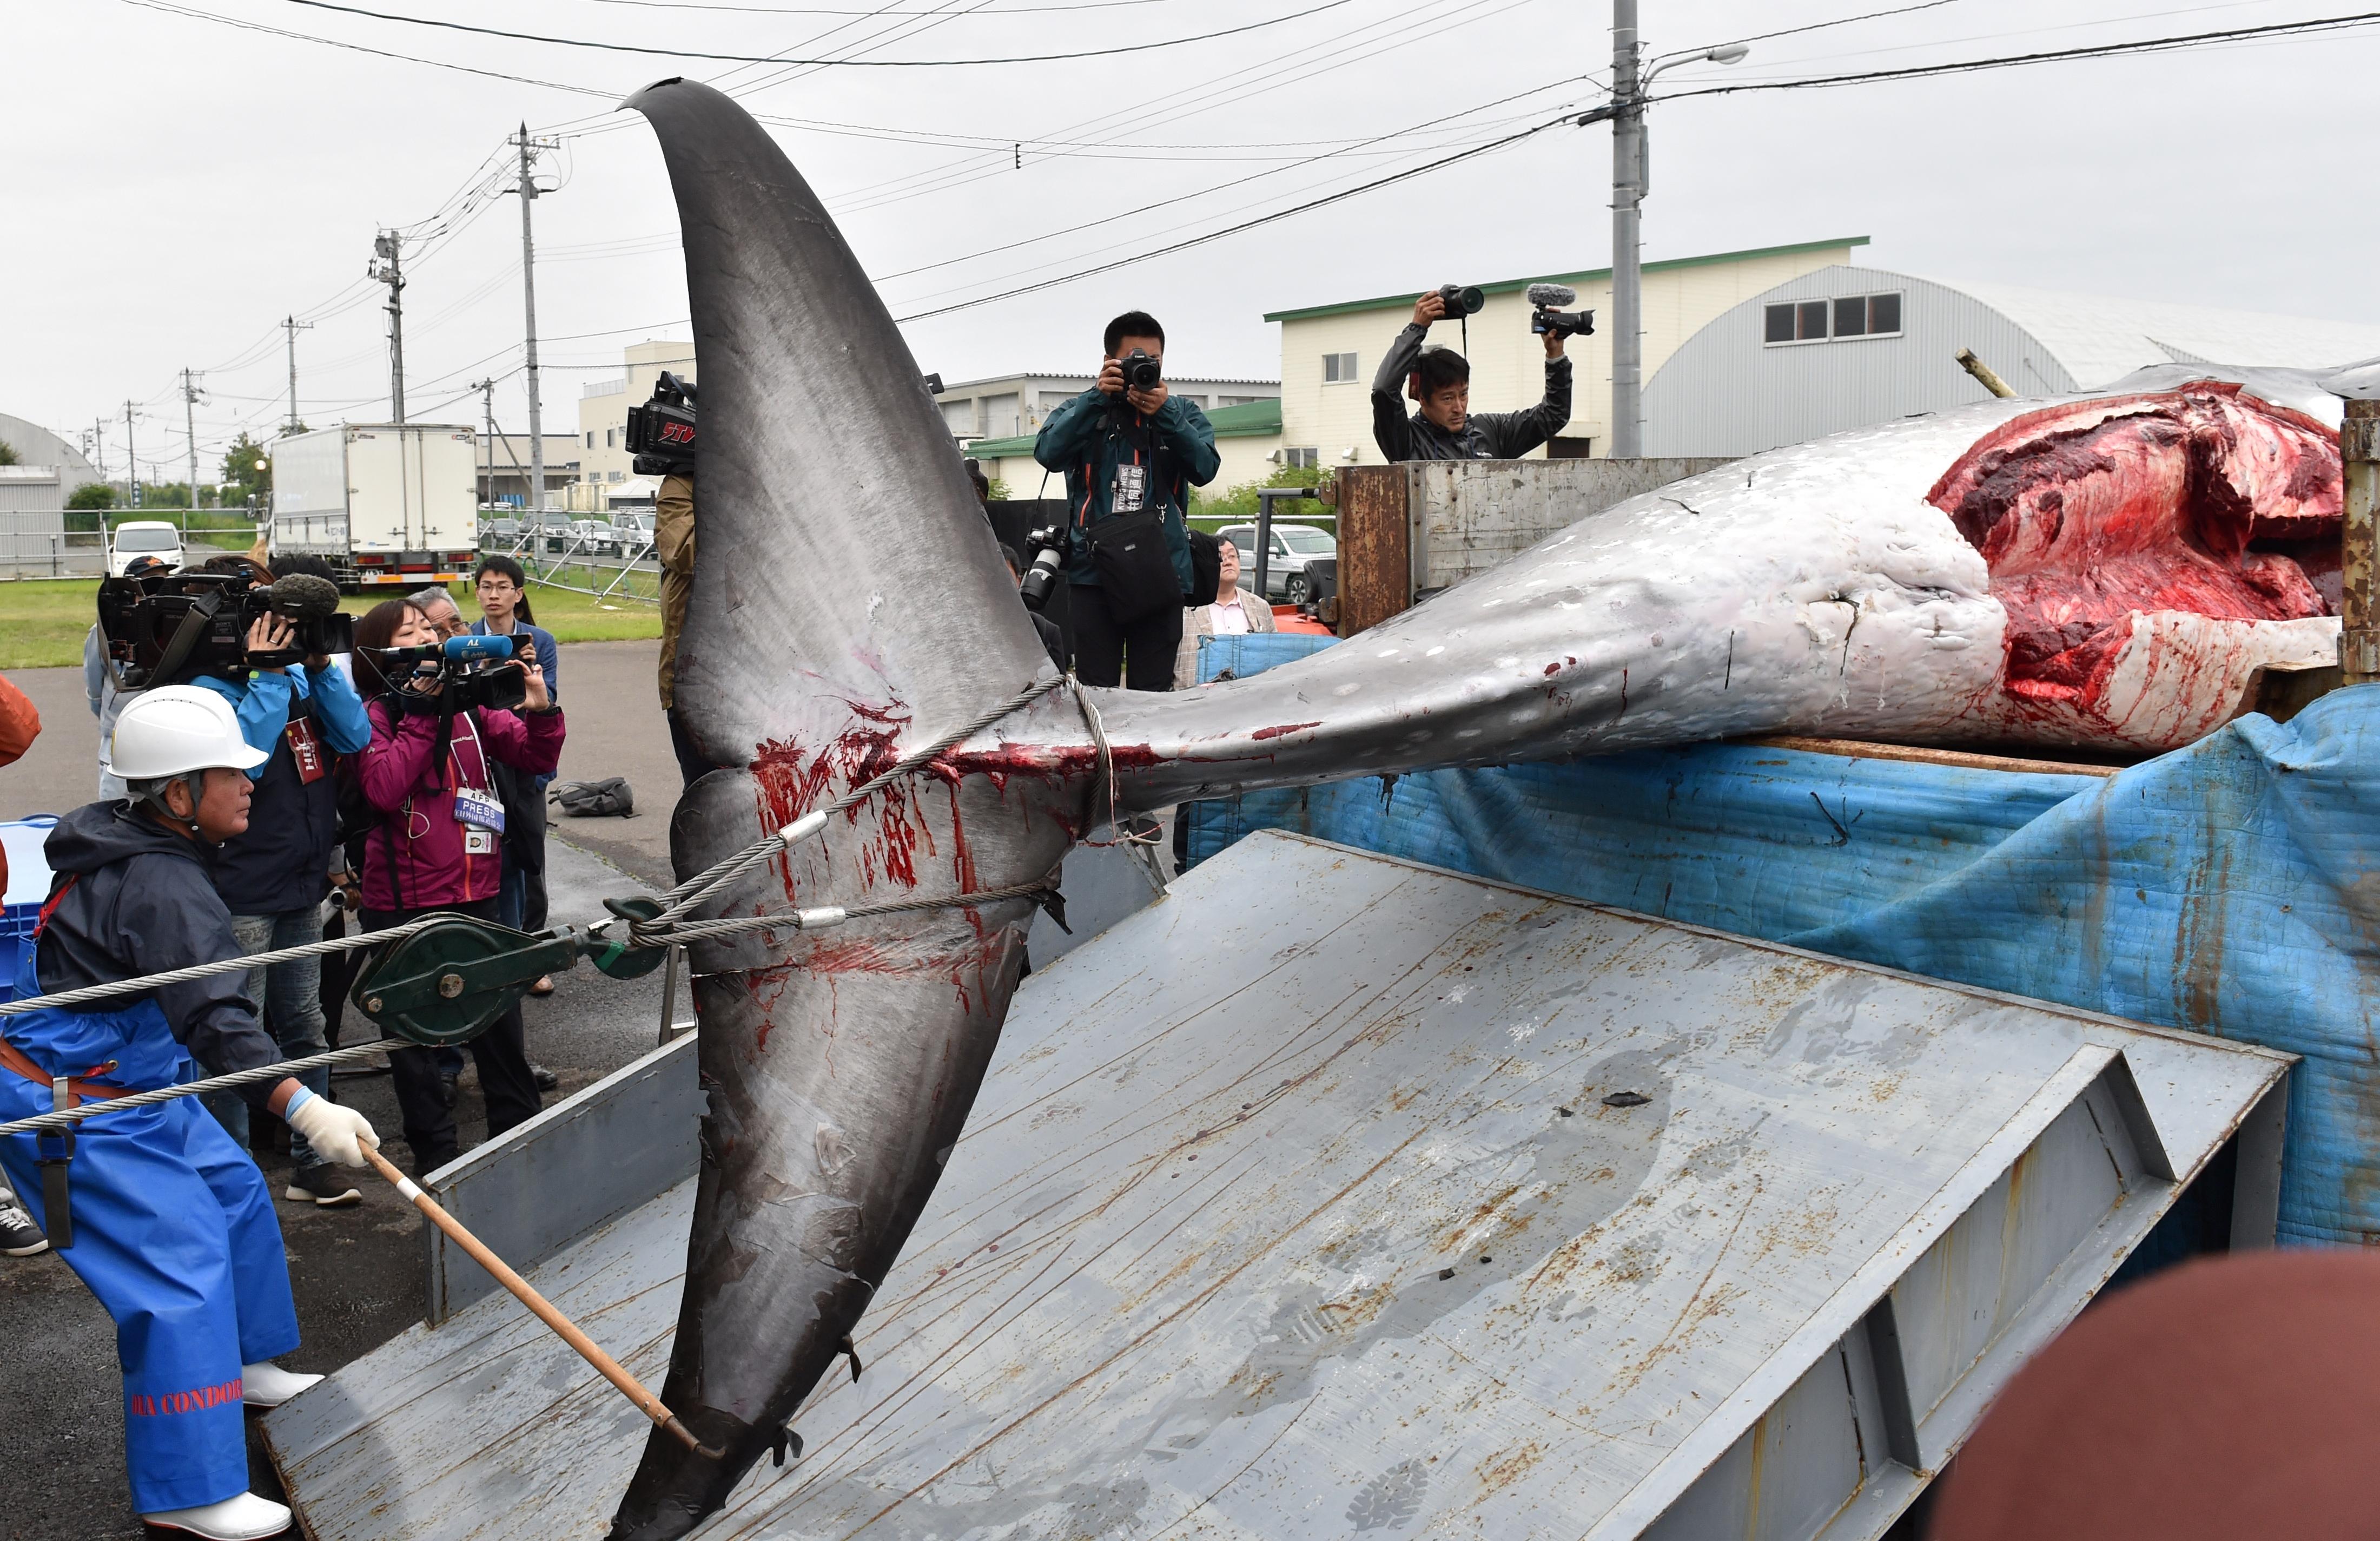 De acuerdo con pescadores, la caza de ballenas es una práctica con más de 400 años en Japón. Foto: AFP